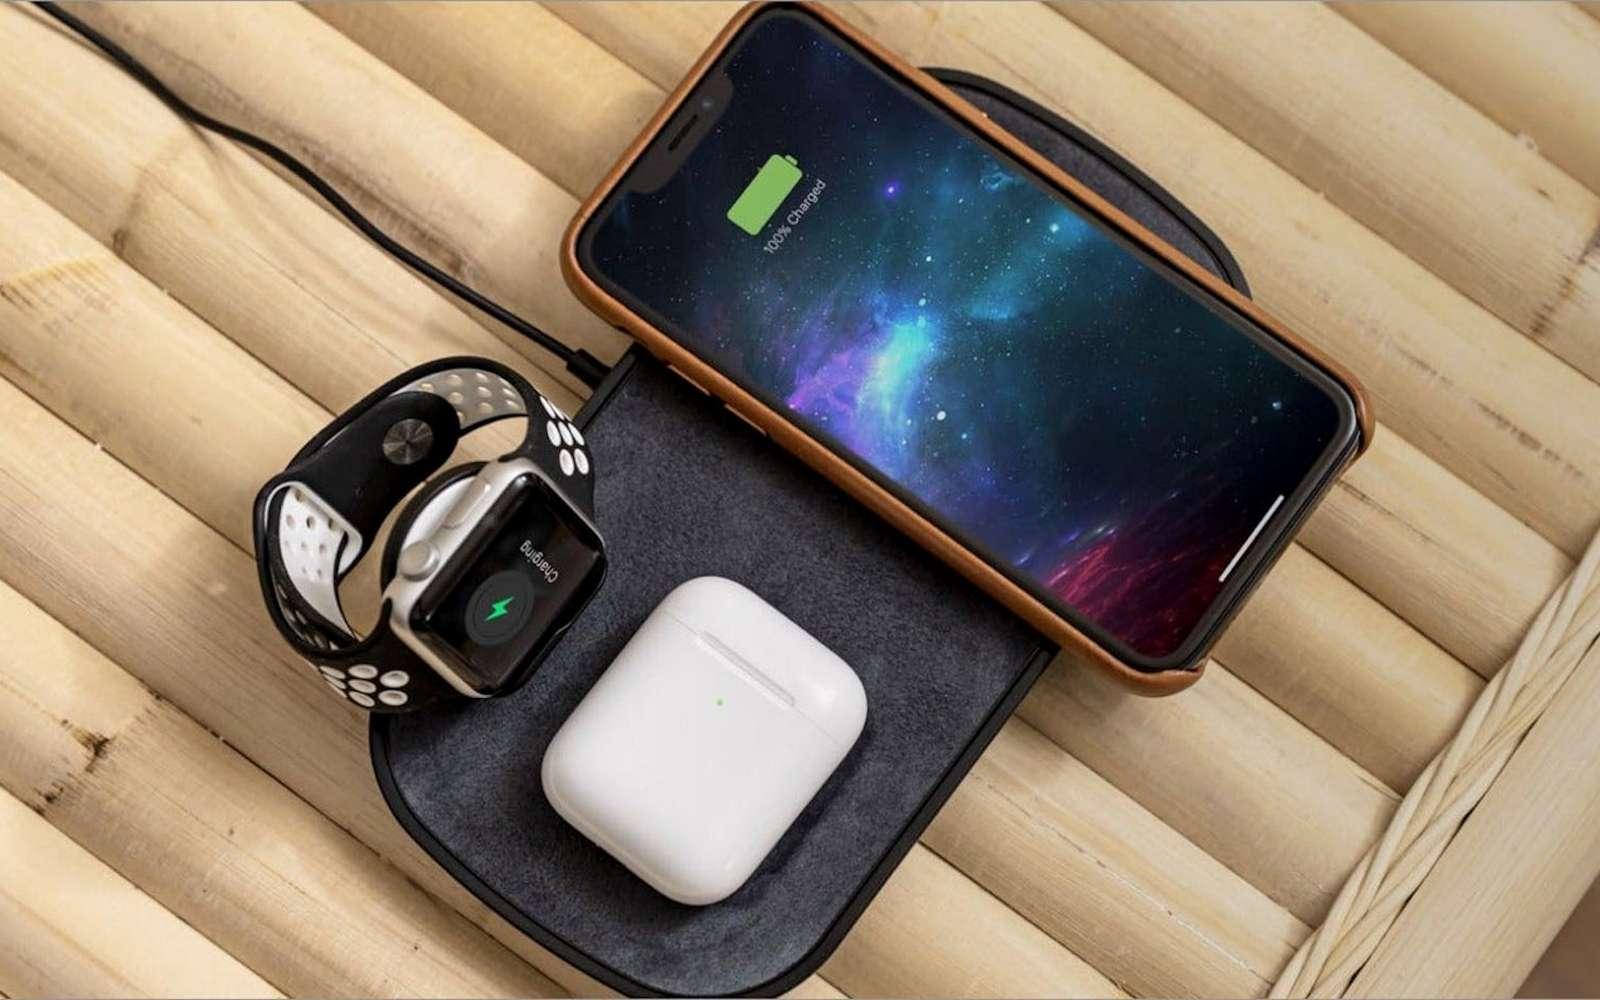 Le tapis de recharge sans fil de Zagg accueille Apple Watch, AirPods et iPhone. © Zagg